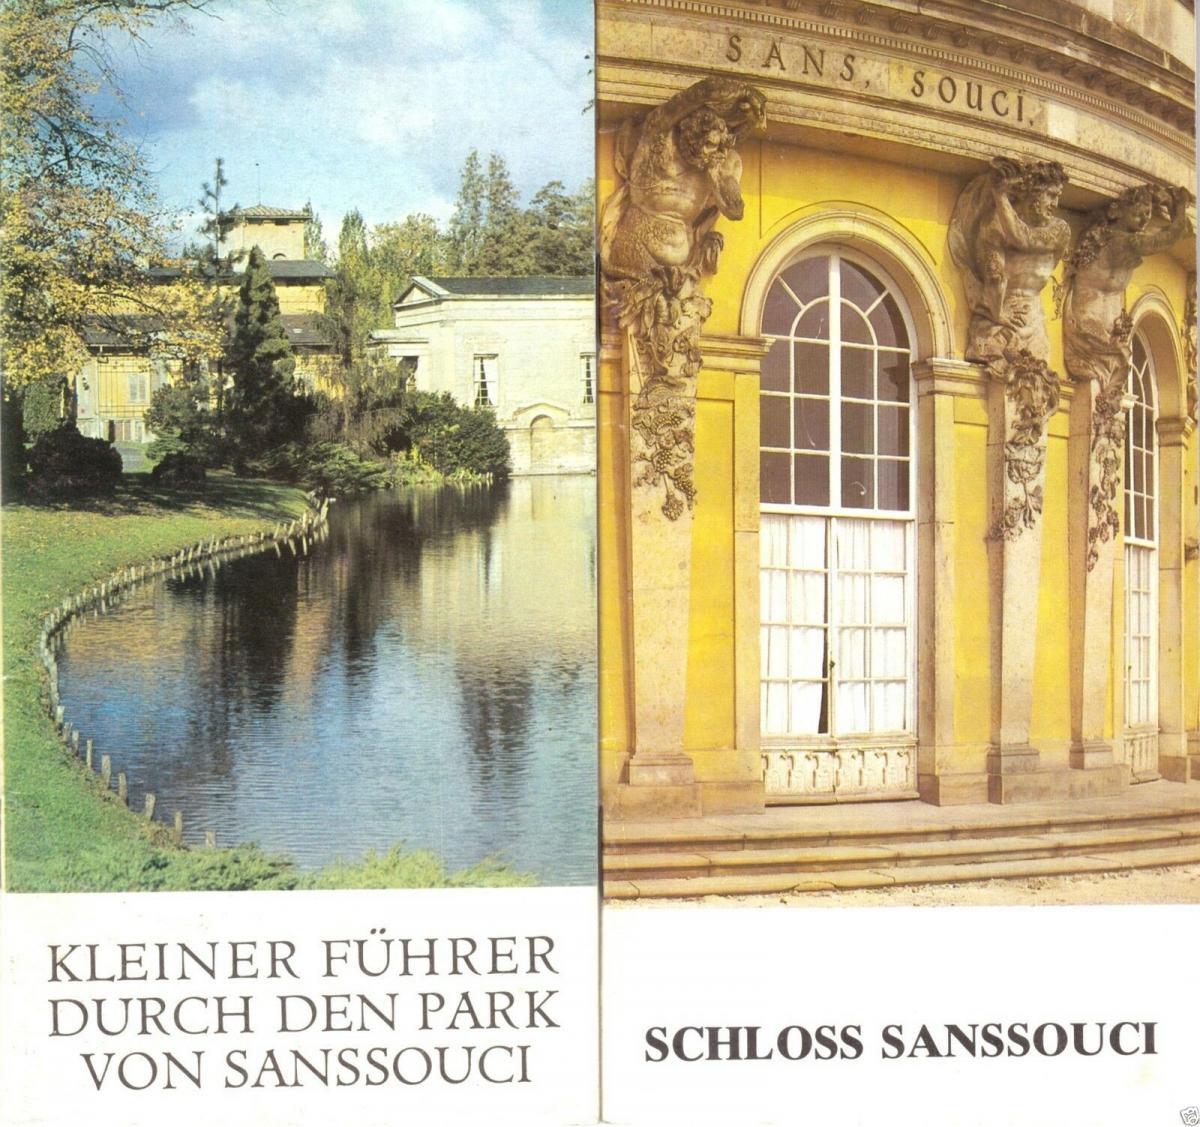 Zwei tour. Broschüren, Schloss Sanssouci und Kleiner Führer durch den Park, 1979